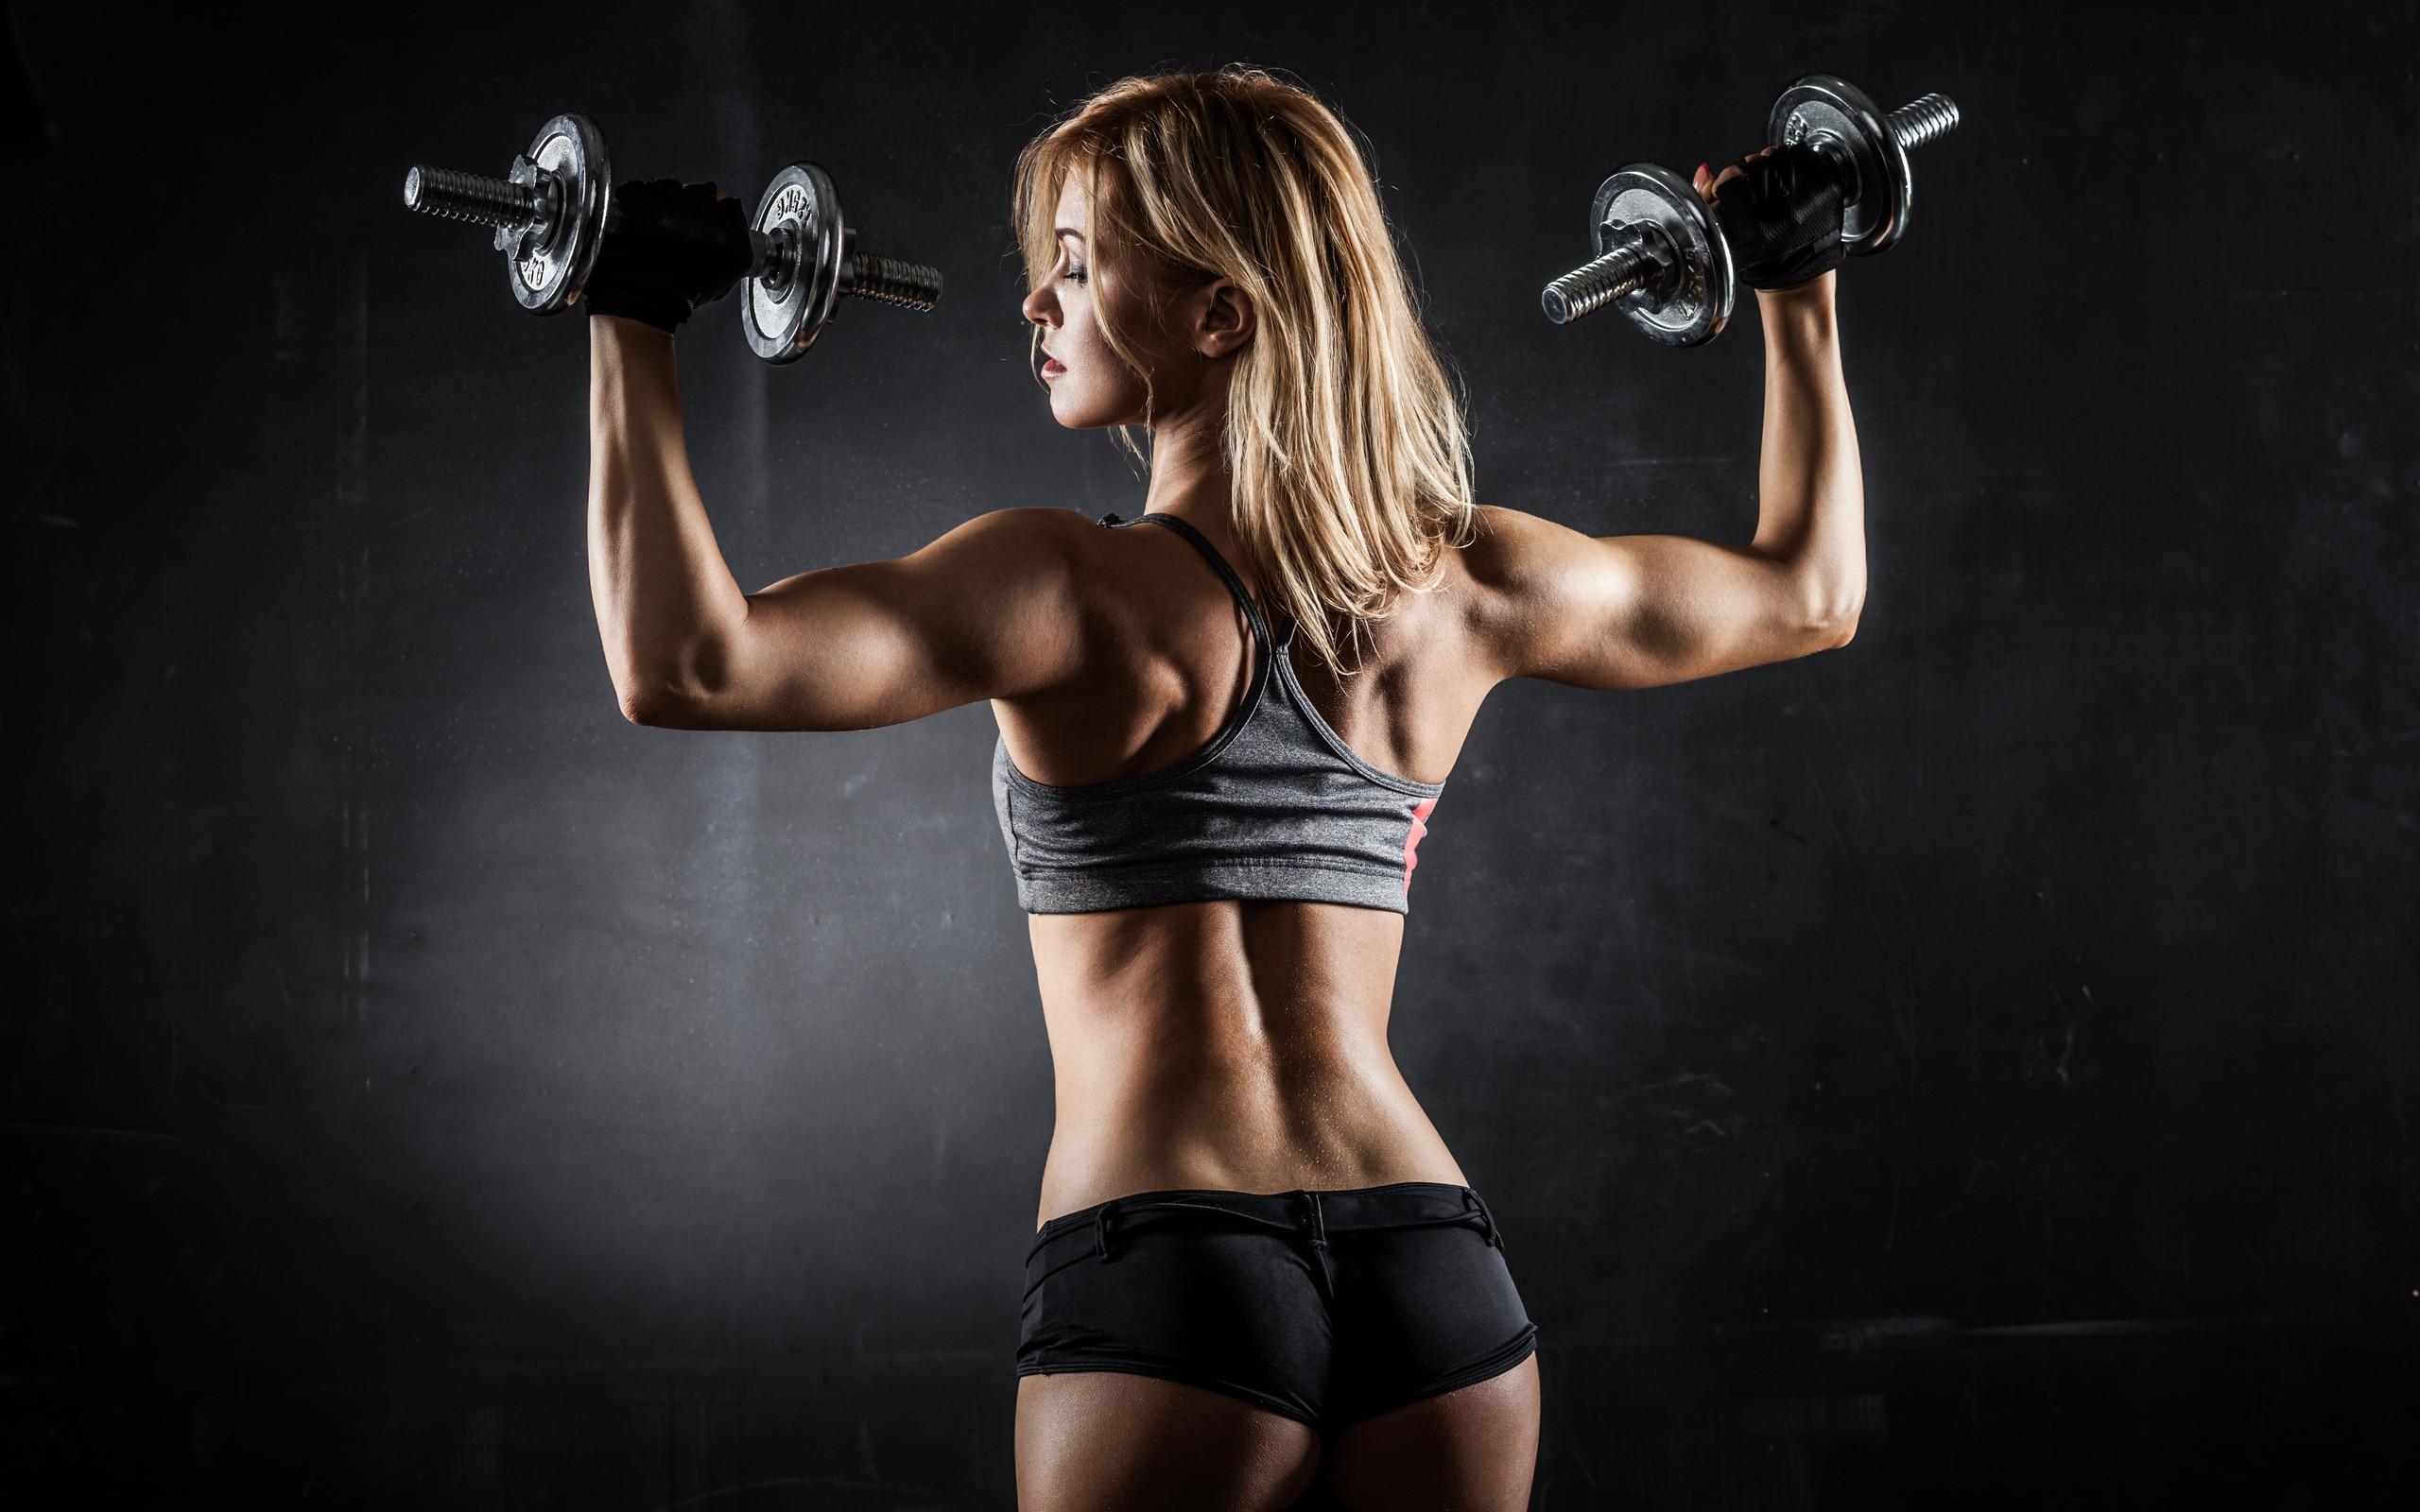 Hot-Girl-Workout-Fitness-HD-Wallpaper